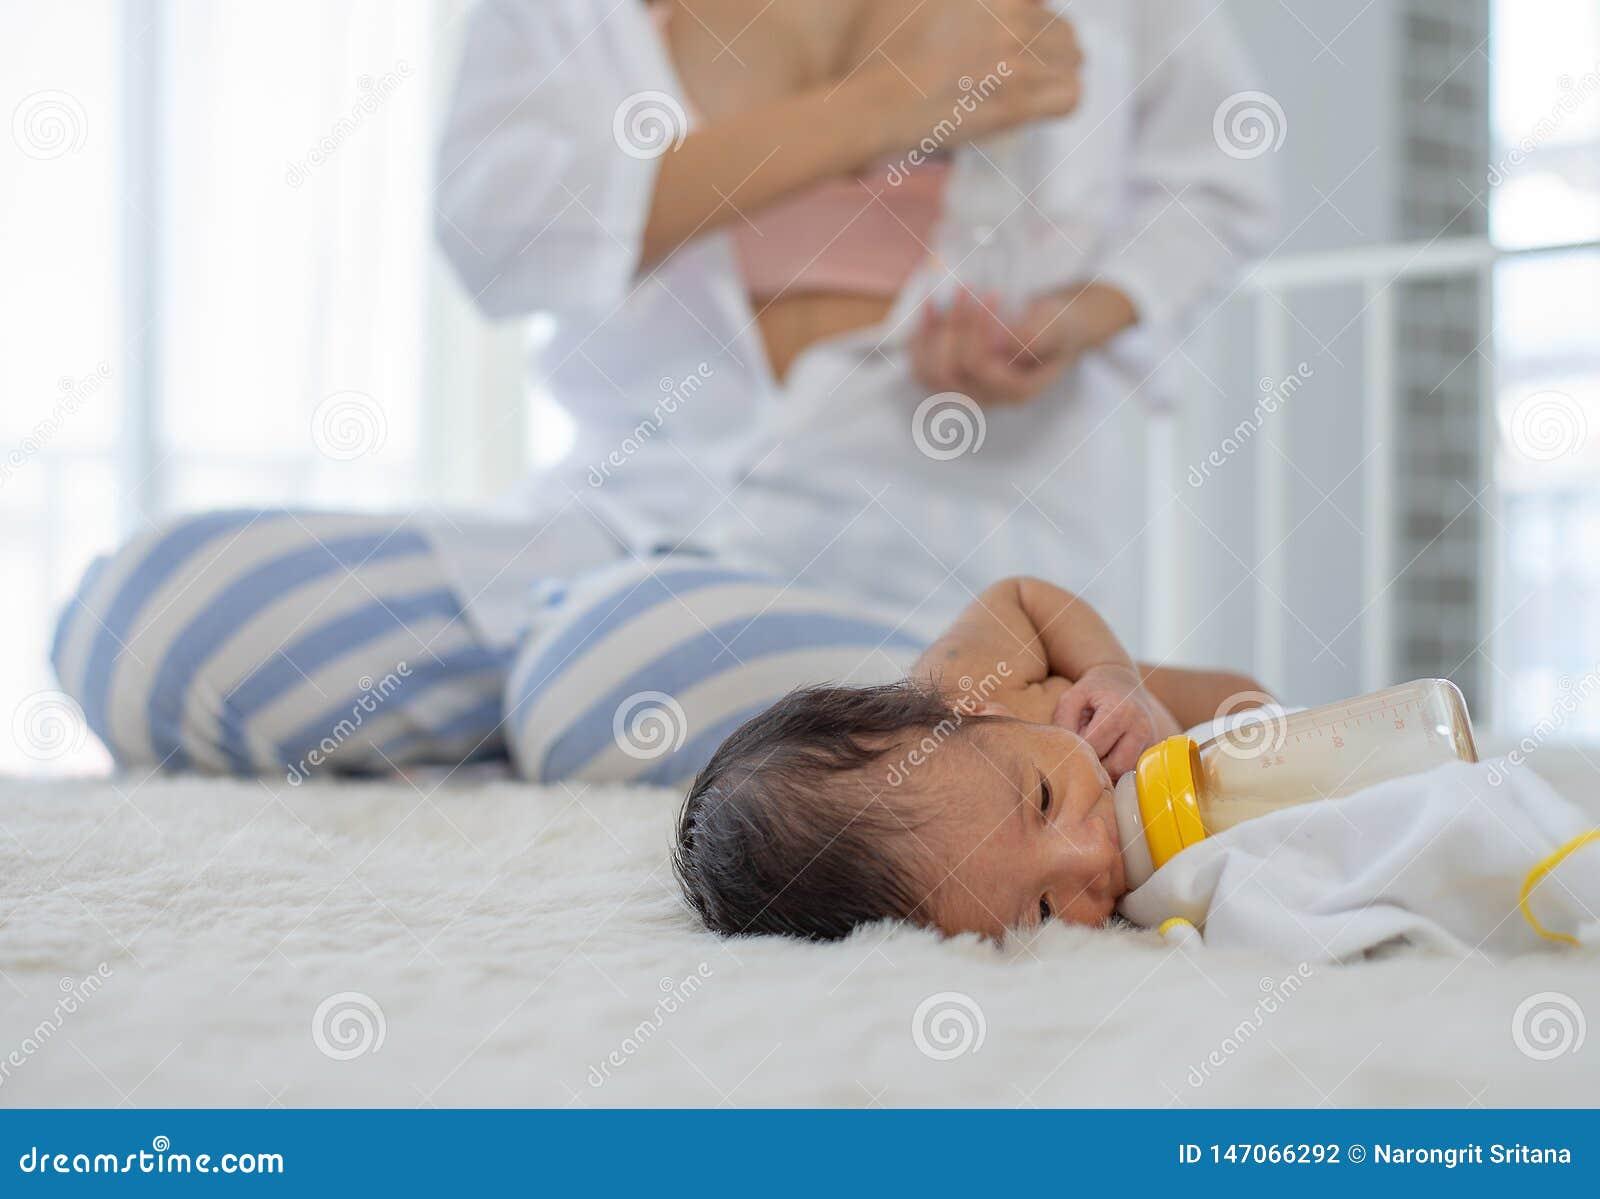 Pompa bianca del latte materno di uso della madre della camicia per ottenere latte materno e seduta vicino al sonno neonato sul l